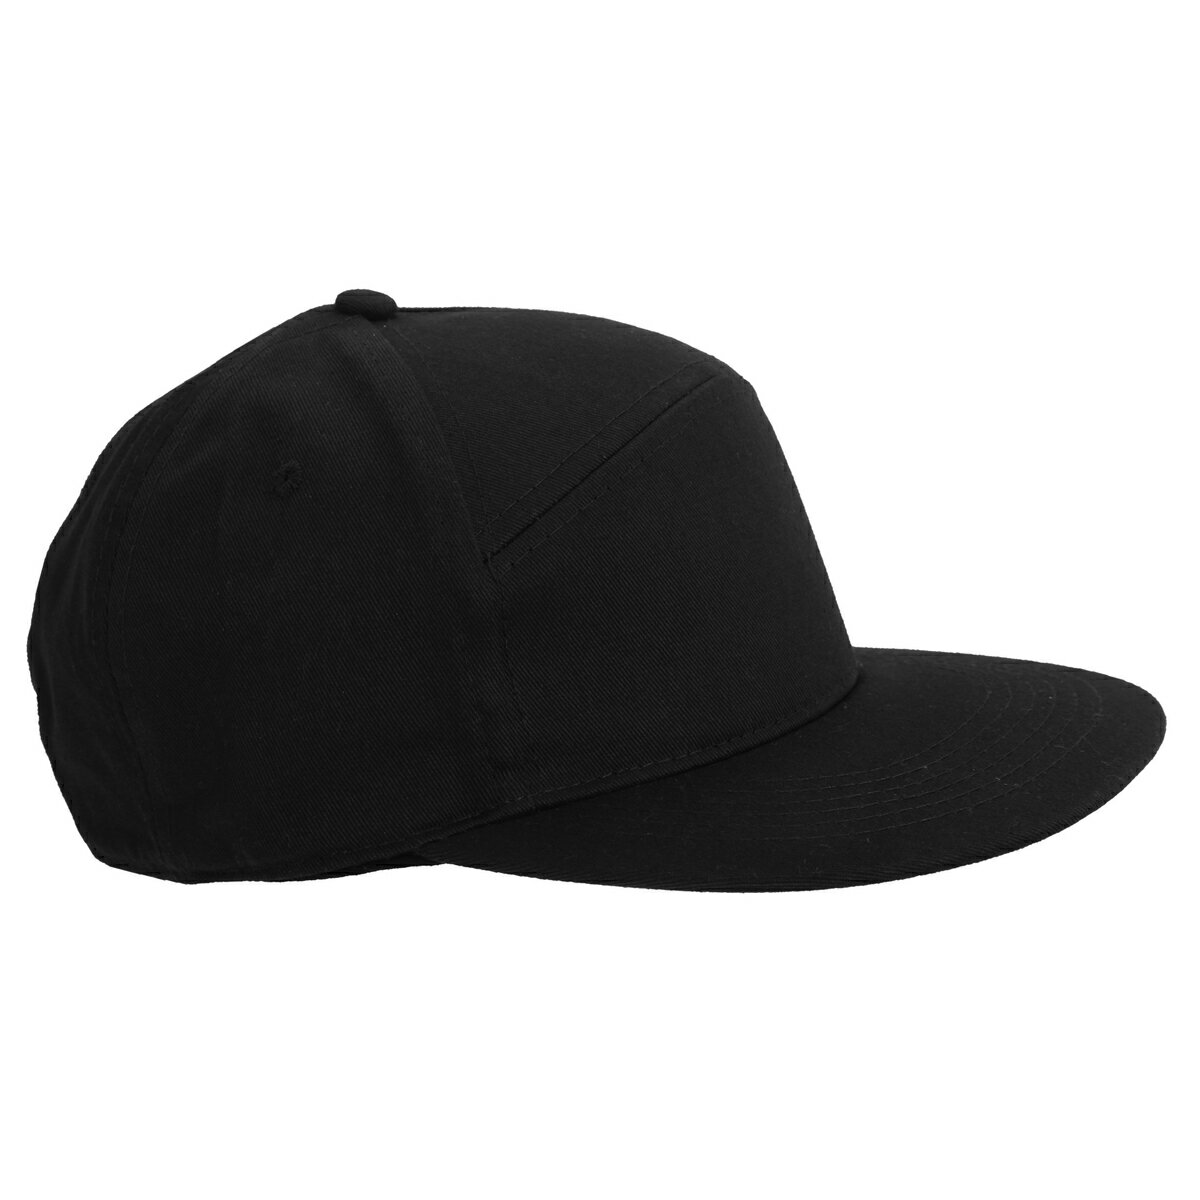 (ビーチフィールド) Beechfield ピッチャー スナップバック ベースボールキャップ ファッション/スポーツキャップ 帽子 ユニセックス 【楽天海外直送】